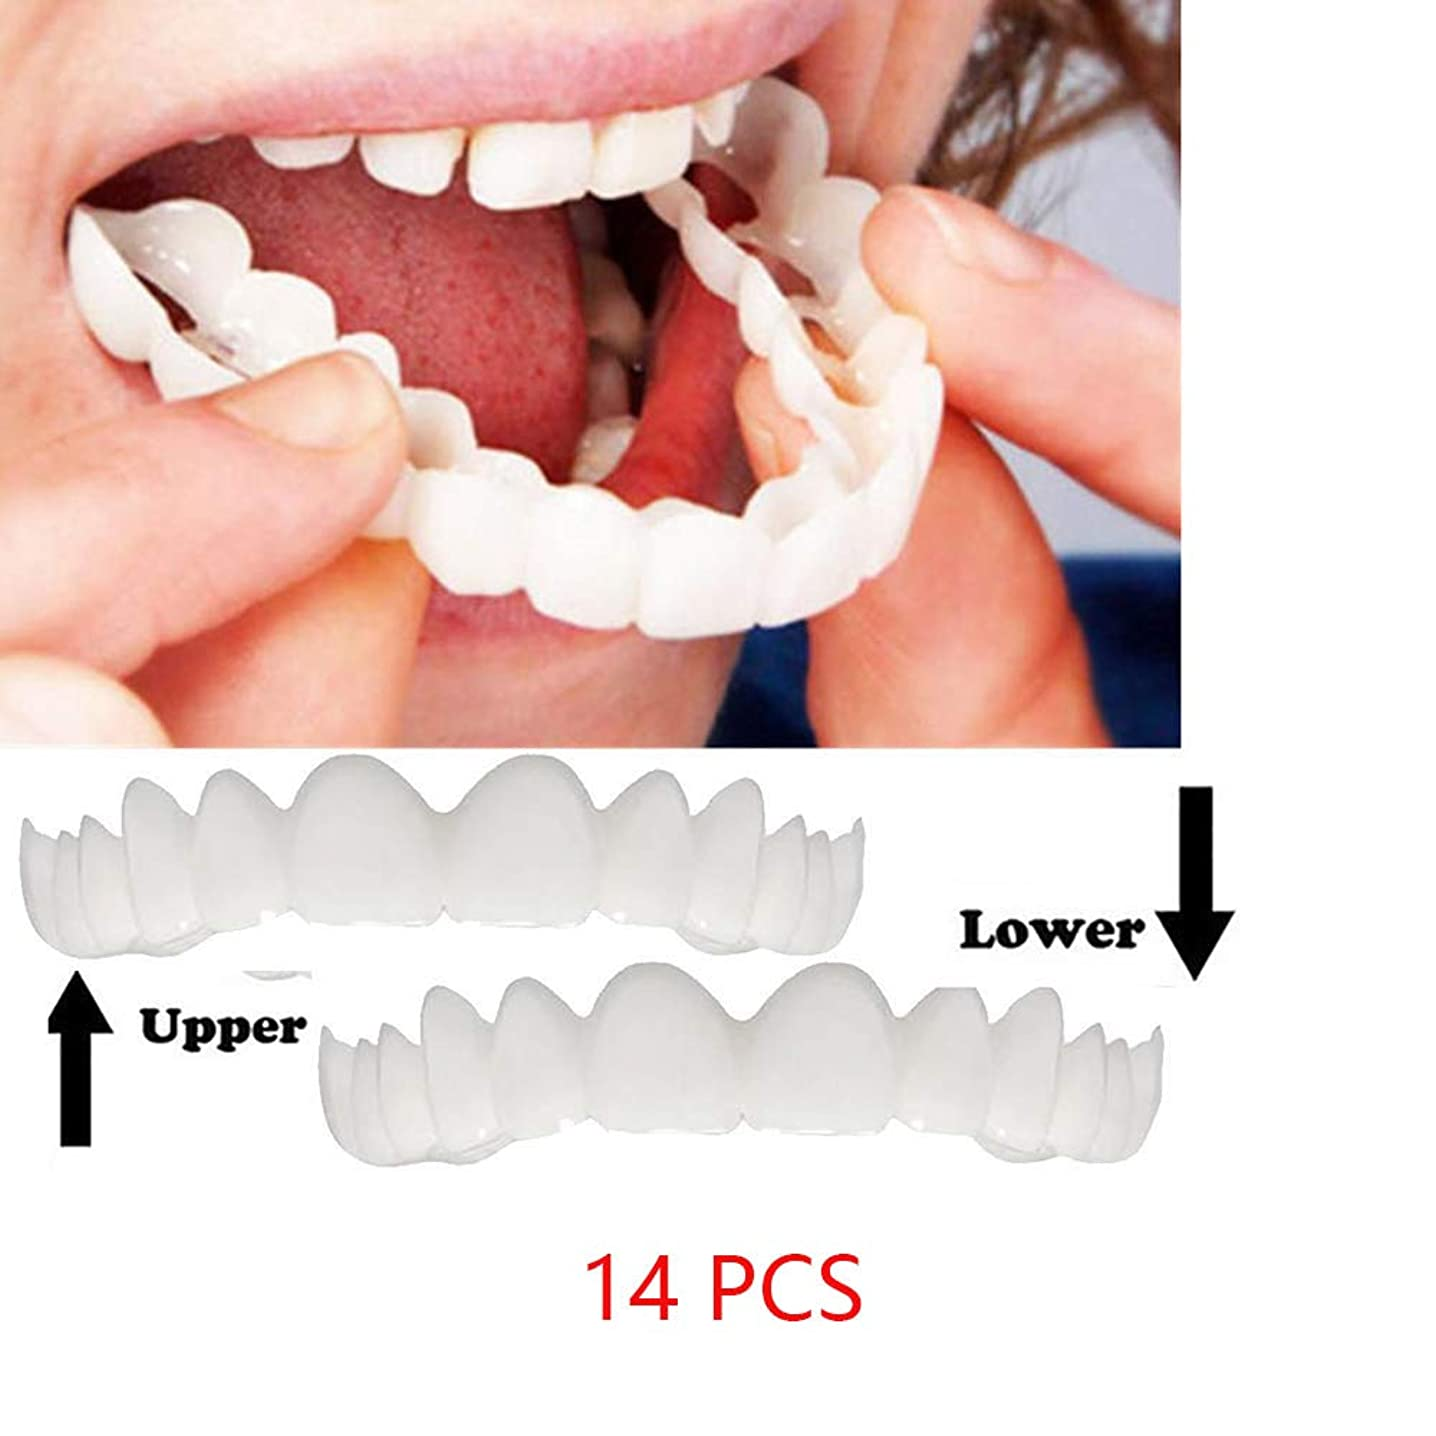 早熟回復チューブ14個の快適で自然な化粧品の偽の歯のカバースナップオンシリコンパーフェクトスマイルベニヤ歯の上と下の美しさの歯男性のための女性(下+上)